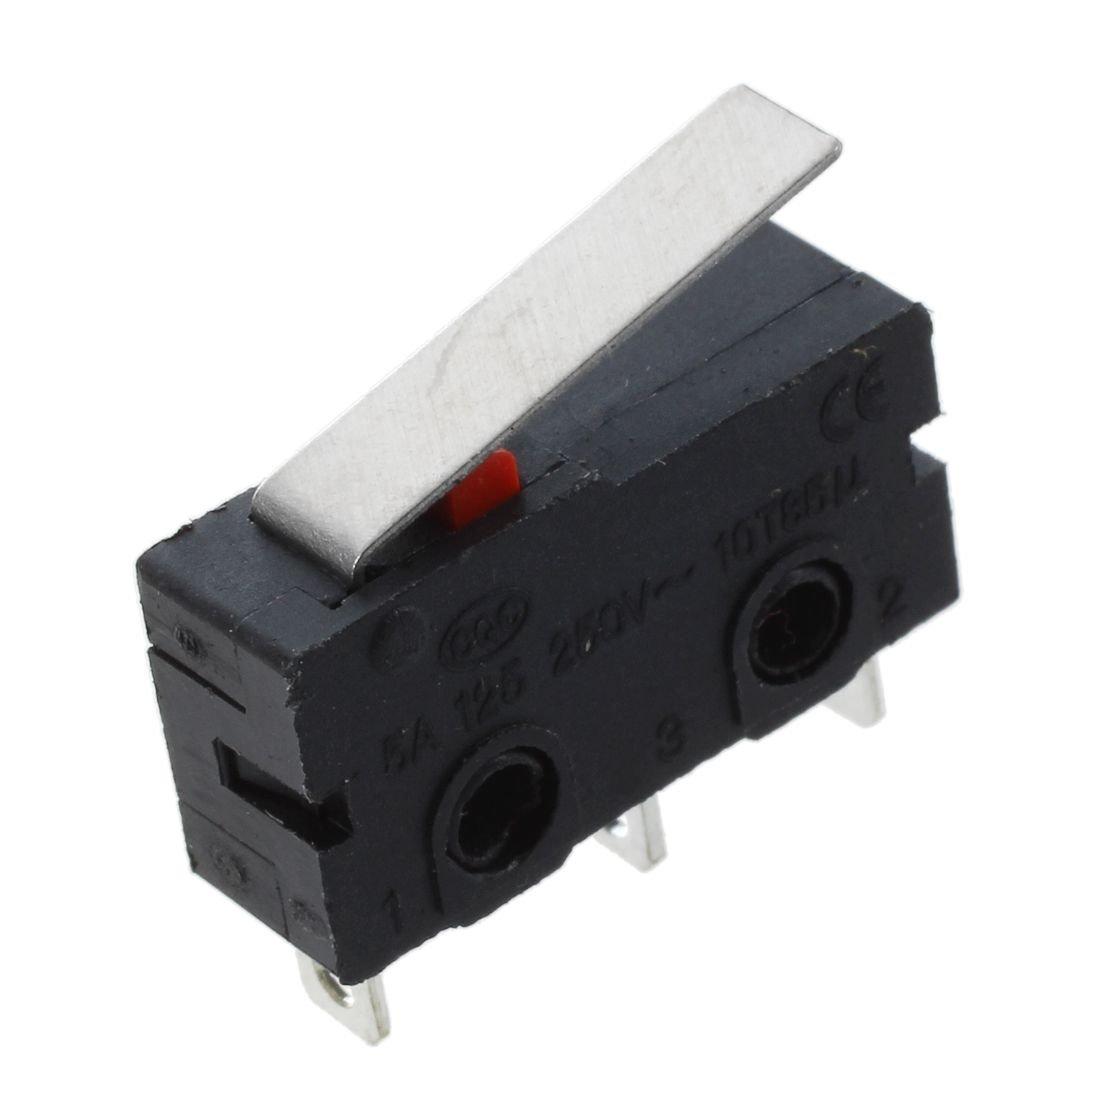 10 Pcs AC 125V 5A SPDT 1NO 1NC Droite courte levier de charniere Mini Micro Switch SODIAL R